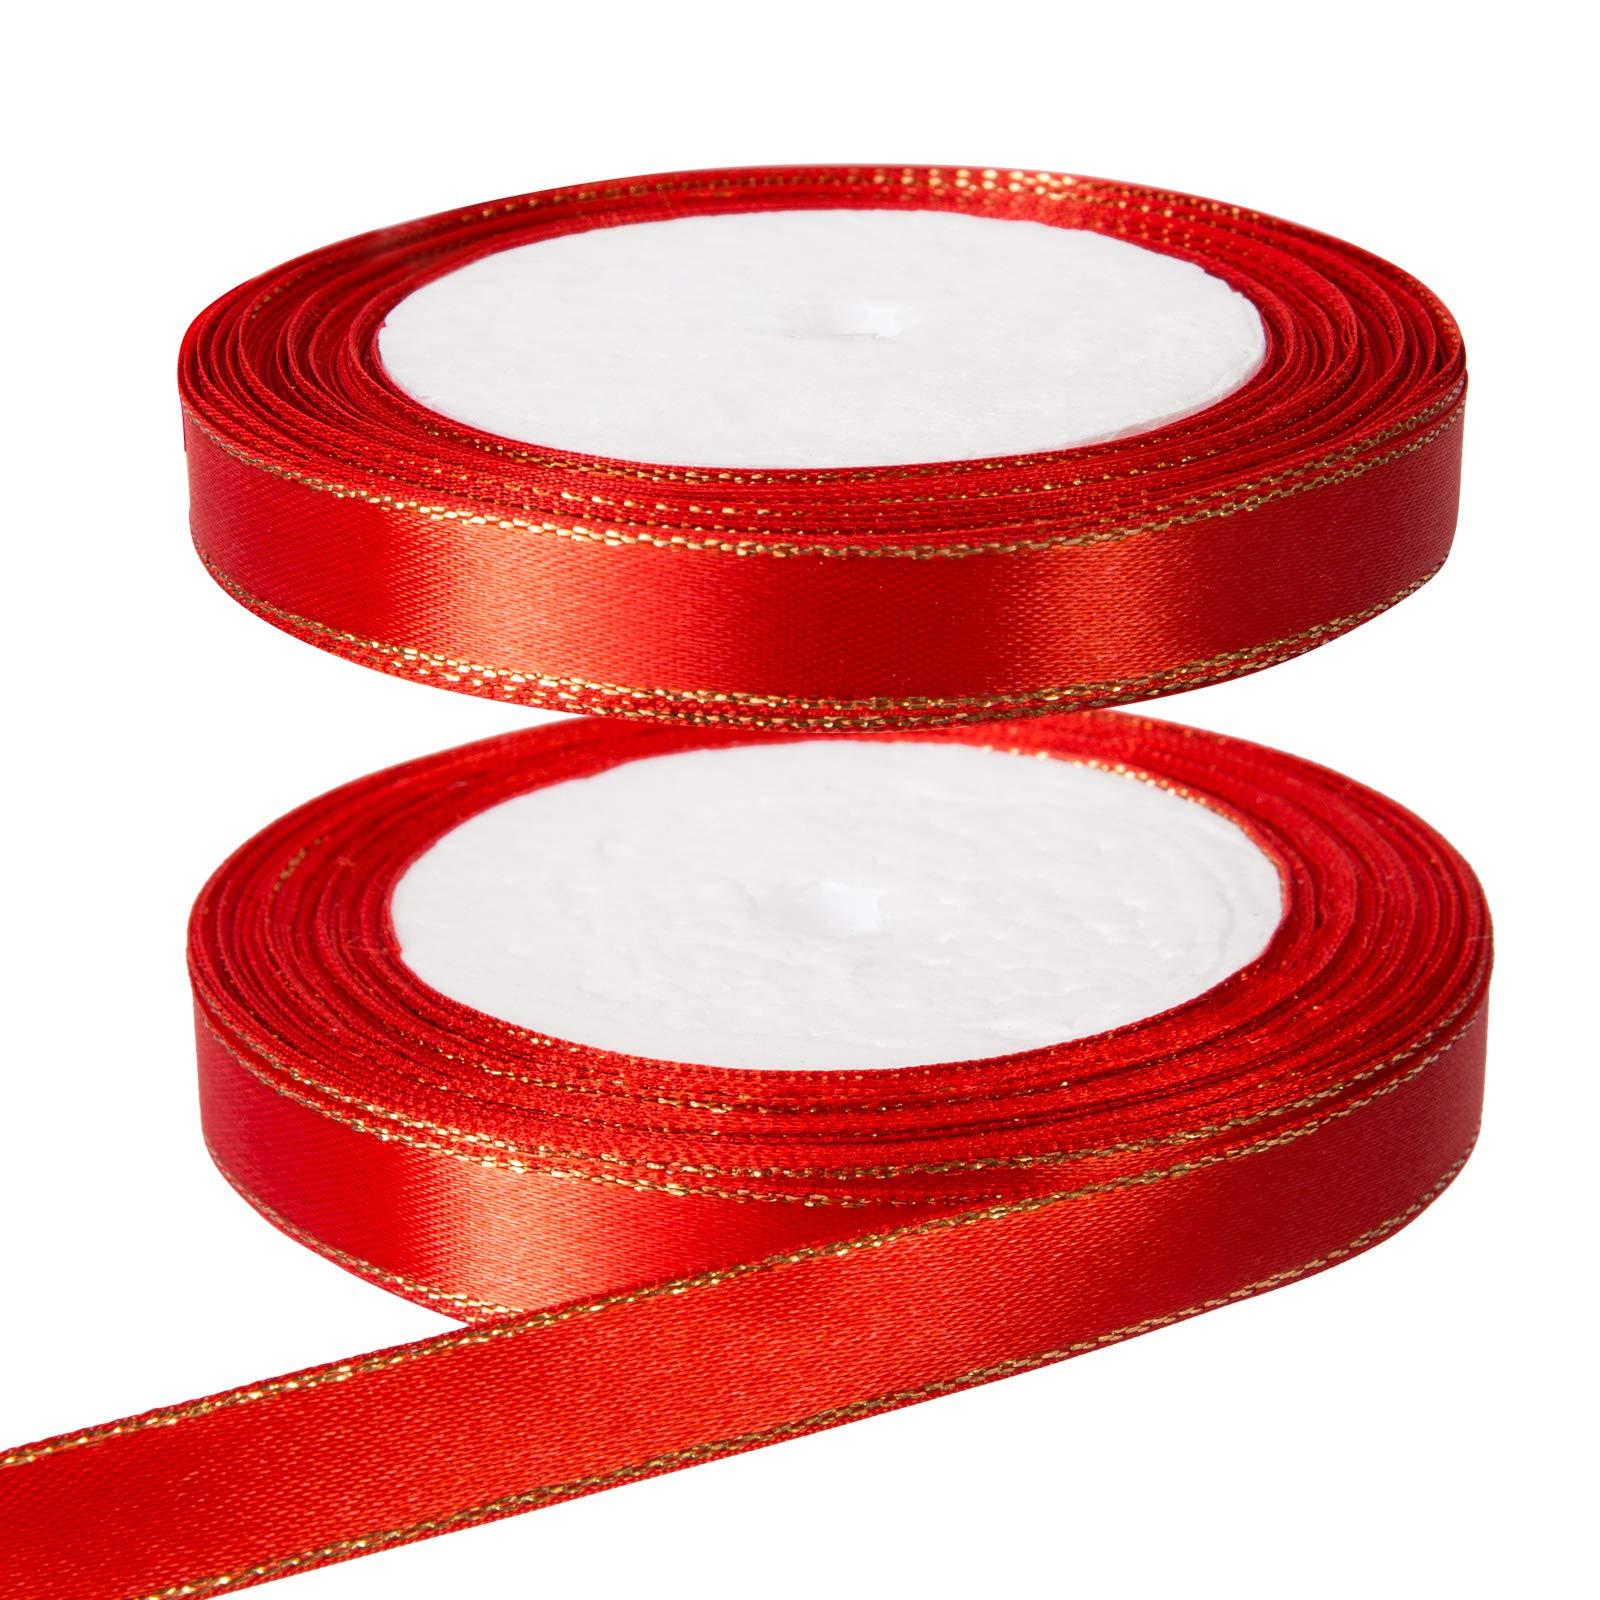 Kesote 2 Rollo de Cinta Raso Rojo Cinta de Tela de Doble Cara para Regalo Decoración (12 mm de Ancho): Amazon.es: Hogar